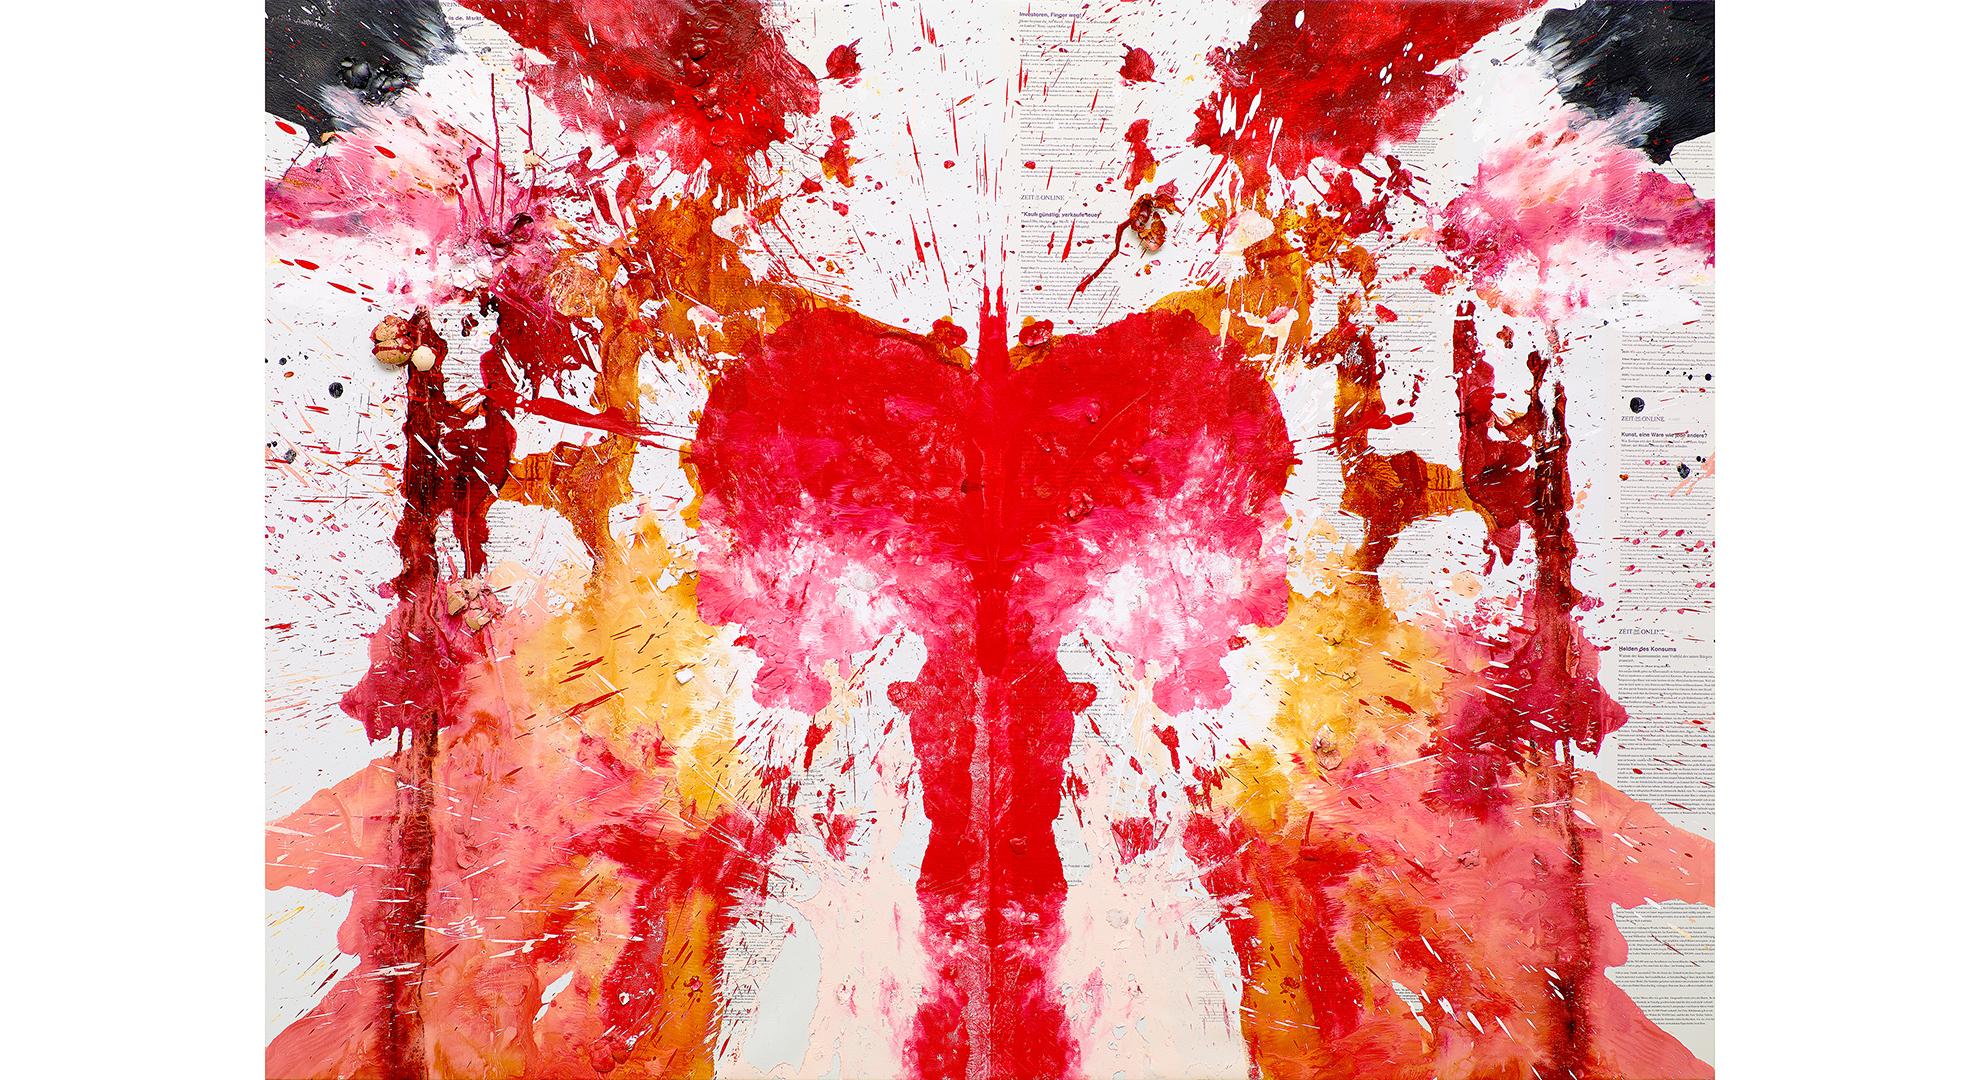 PlopEgg #1 Art Cologne